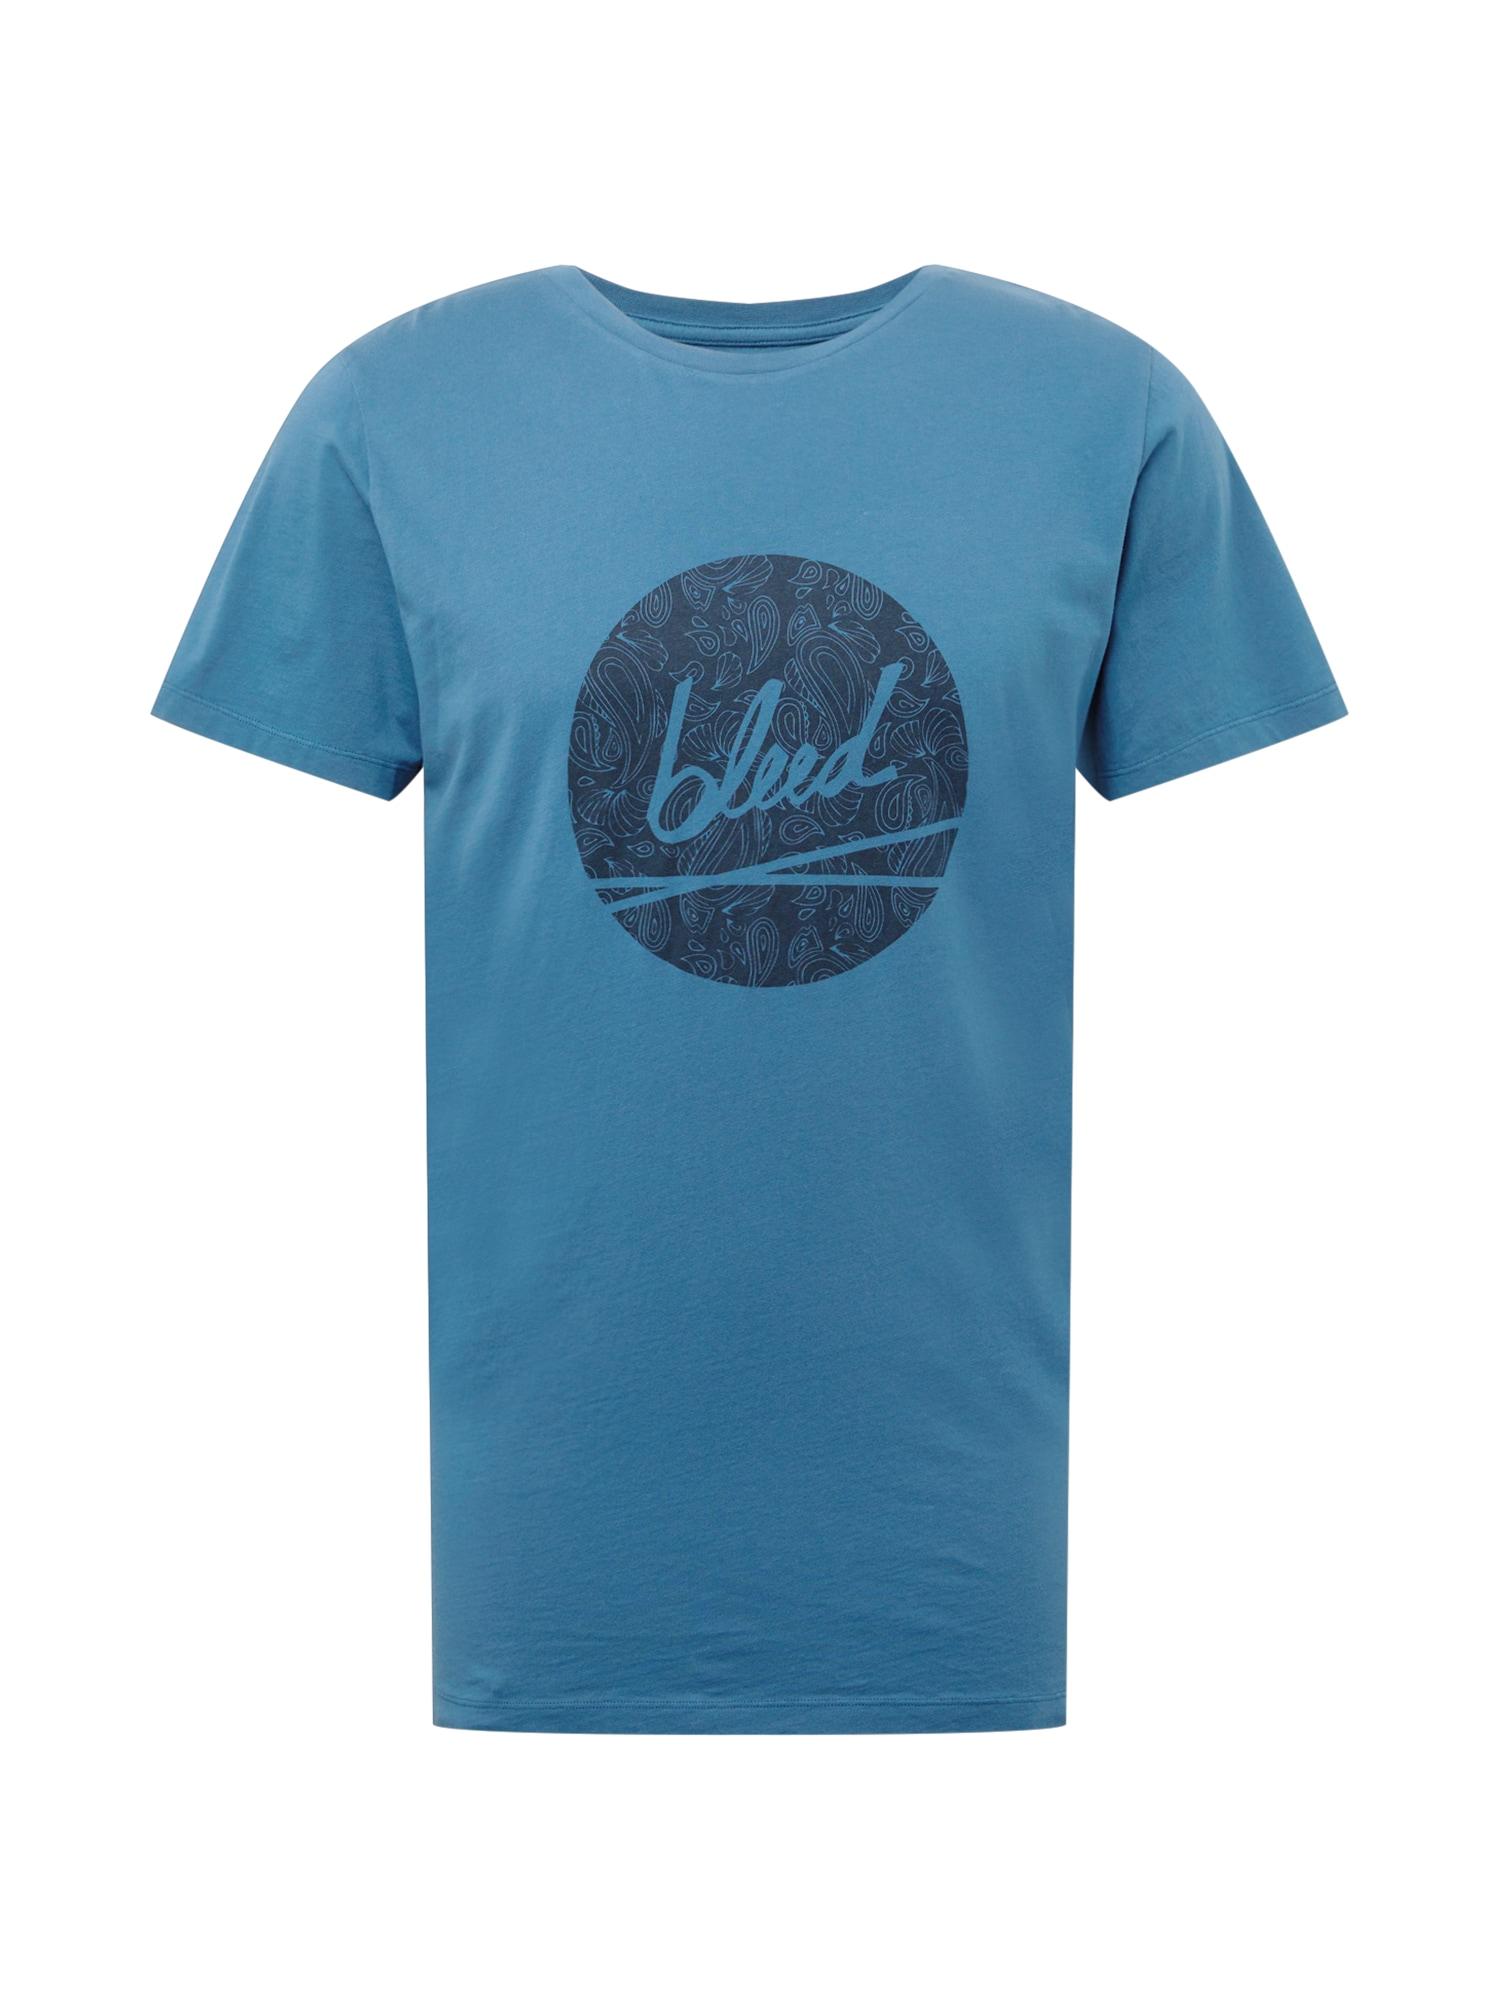 bleed clothing Marškinėliai mėlyna / tamsiai mėlyna